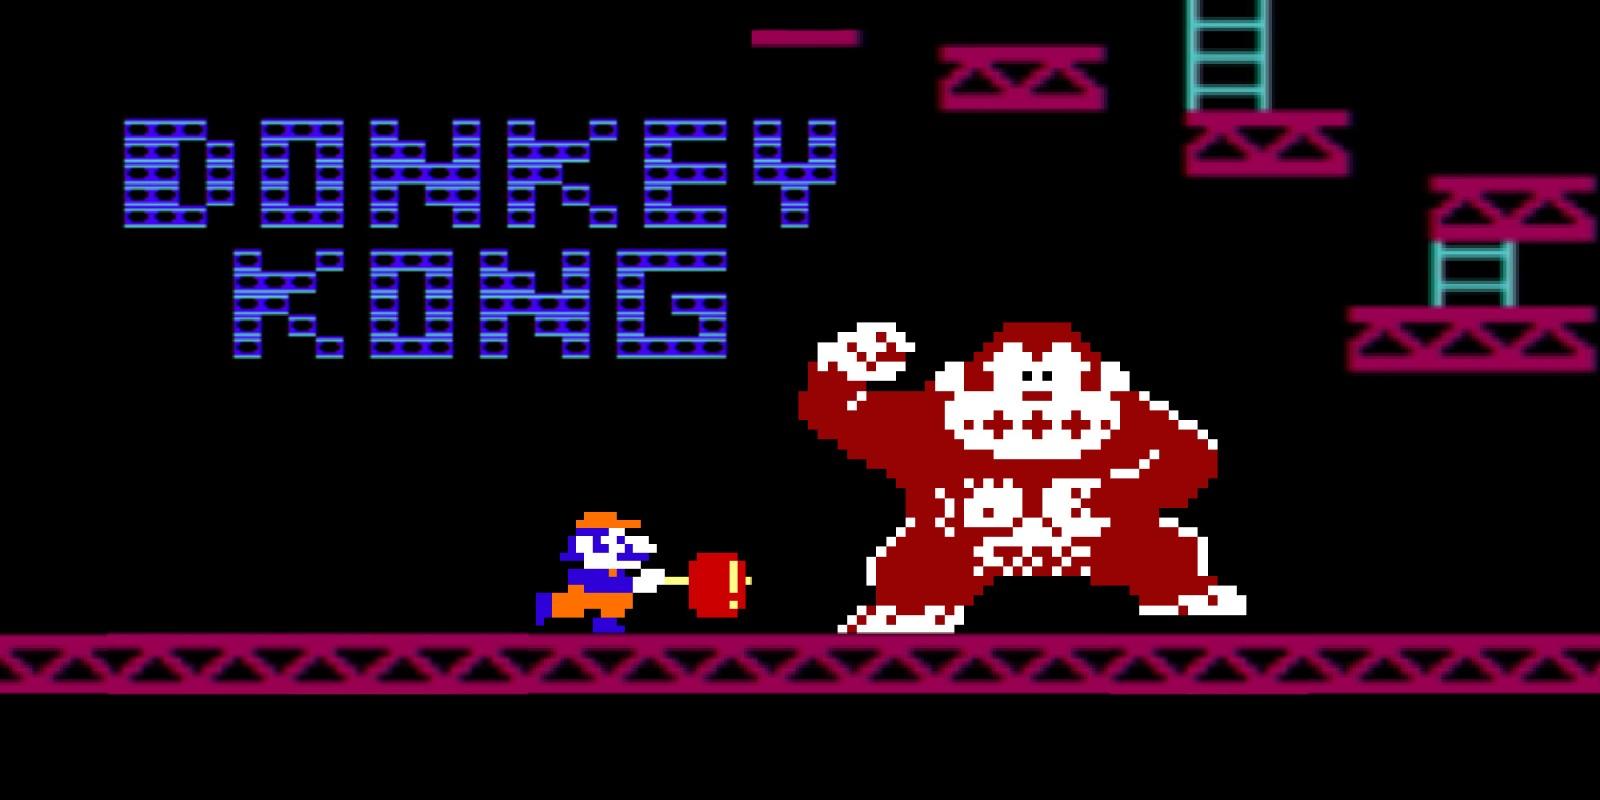 jumpman mario donkey kong